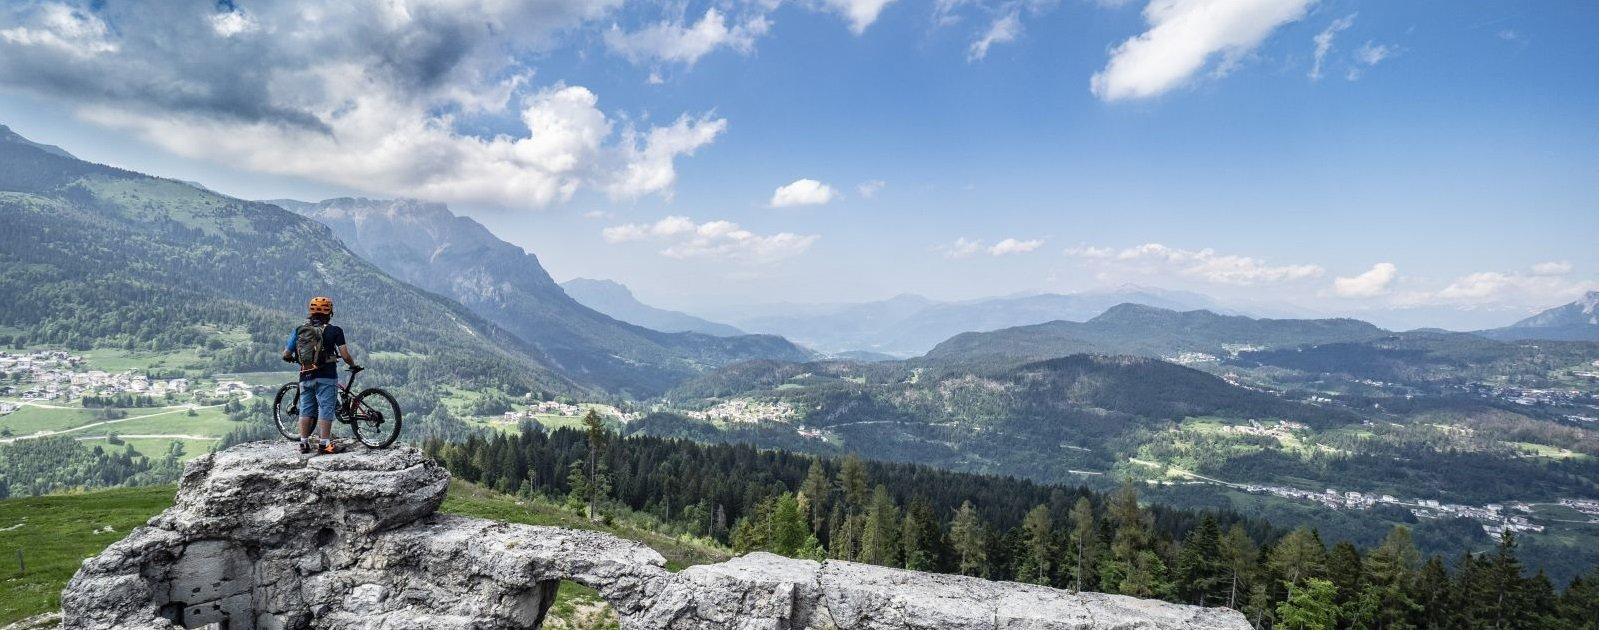 Mountainbike Tour dei Forti (c) Gober